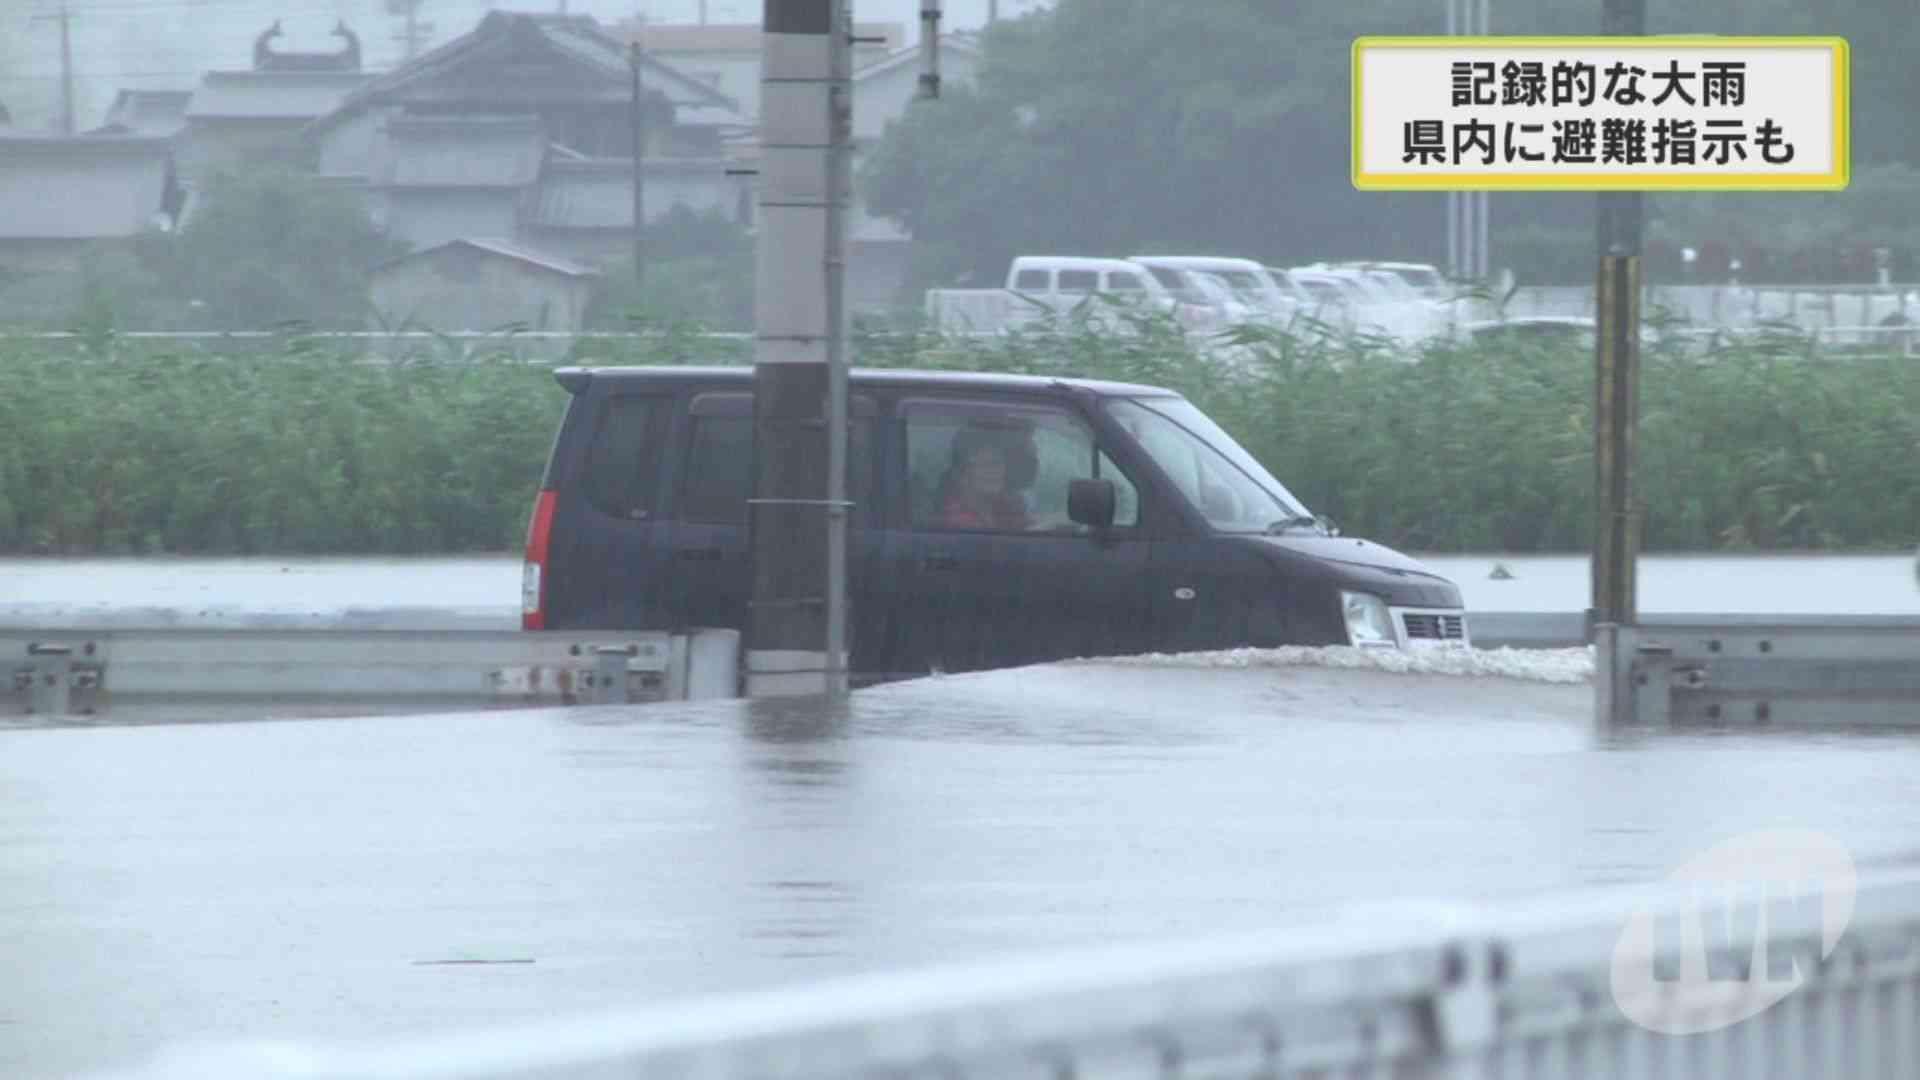 大雨で大和郡山市・生駒市で避難指示/奈良(奈良テレビ放送) - Yahoo!ニュース